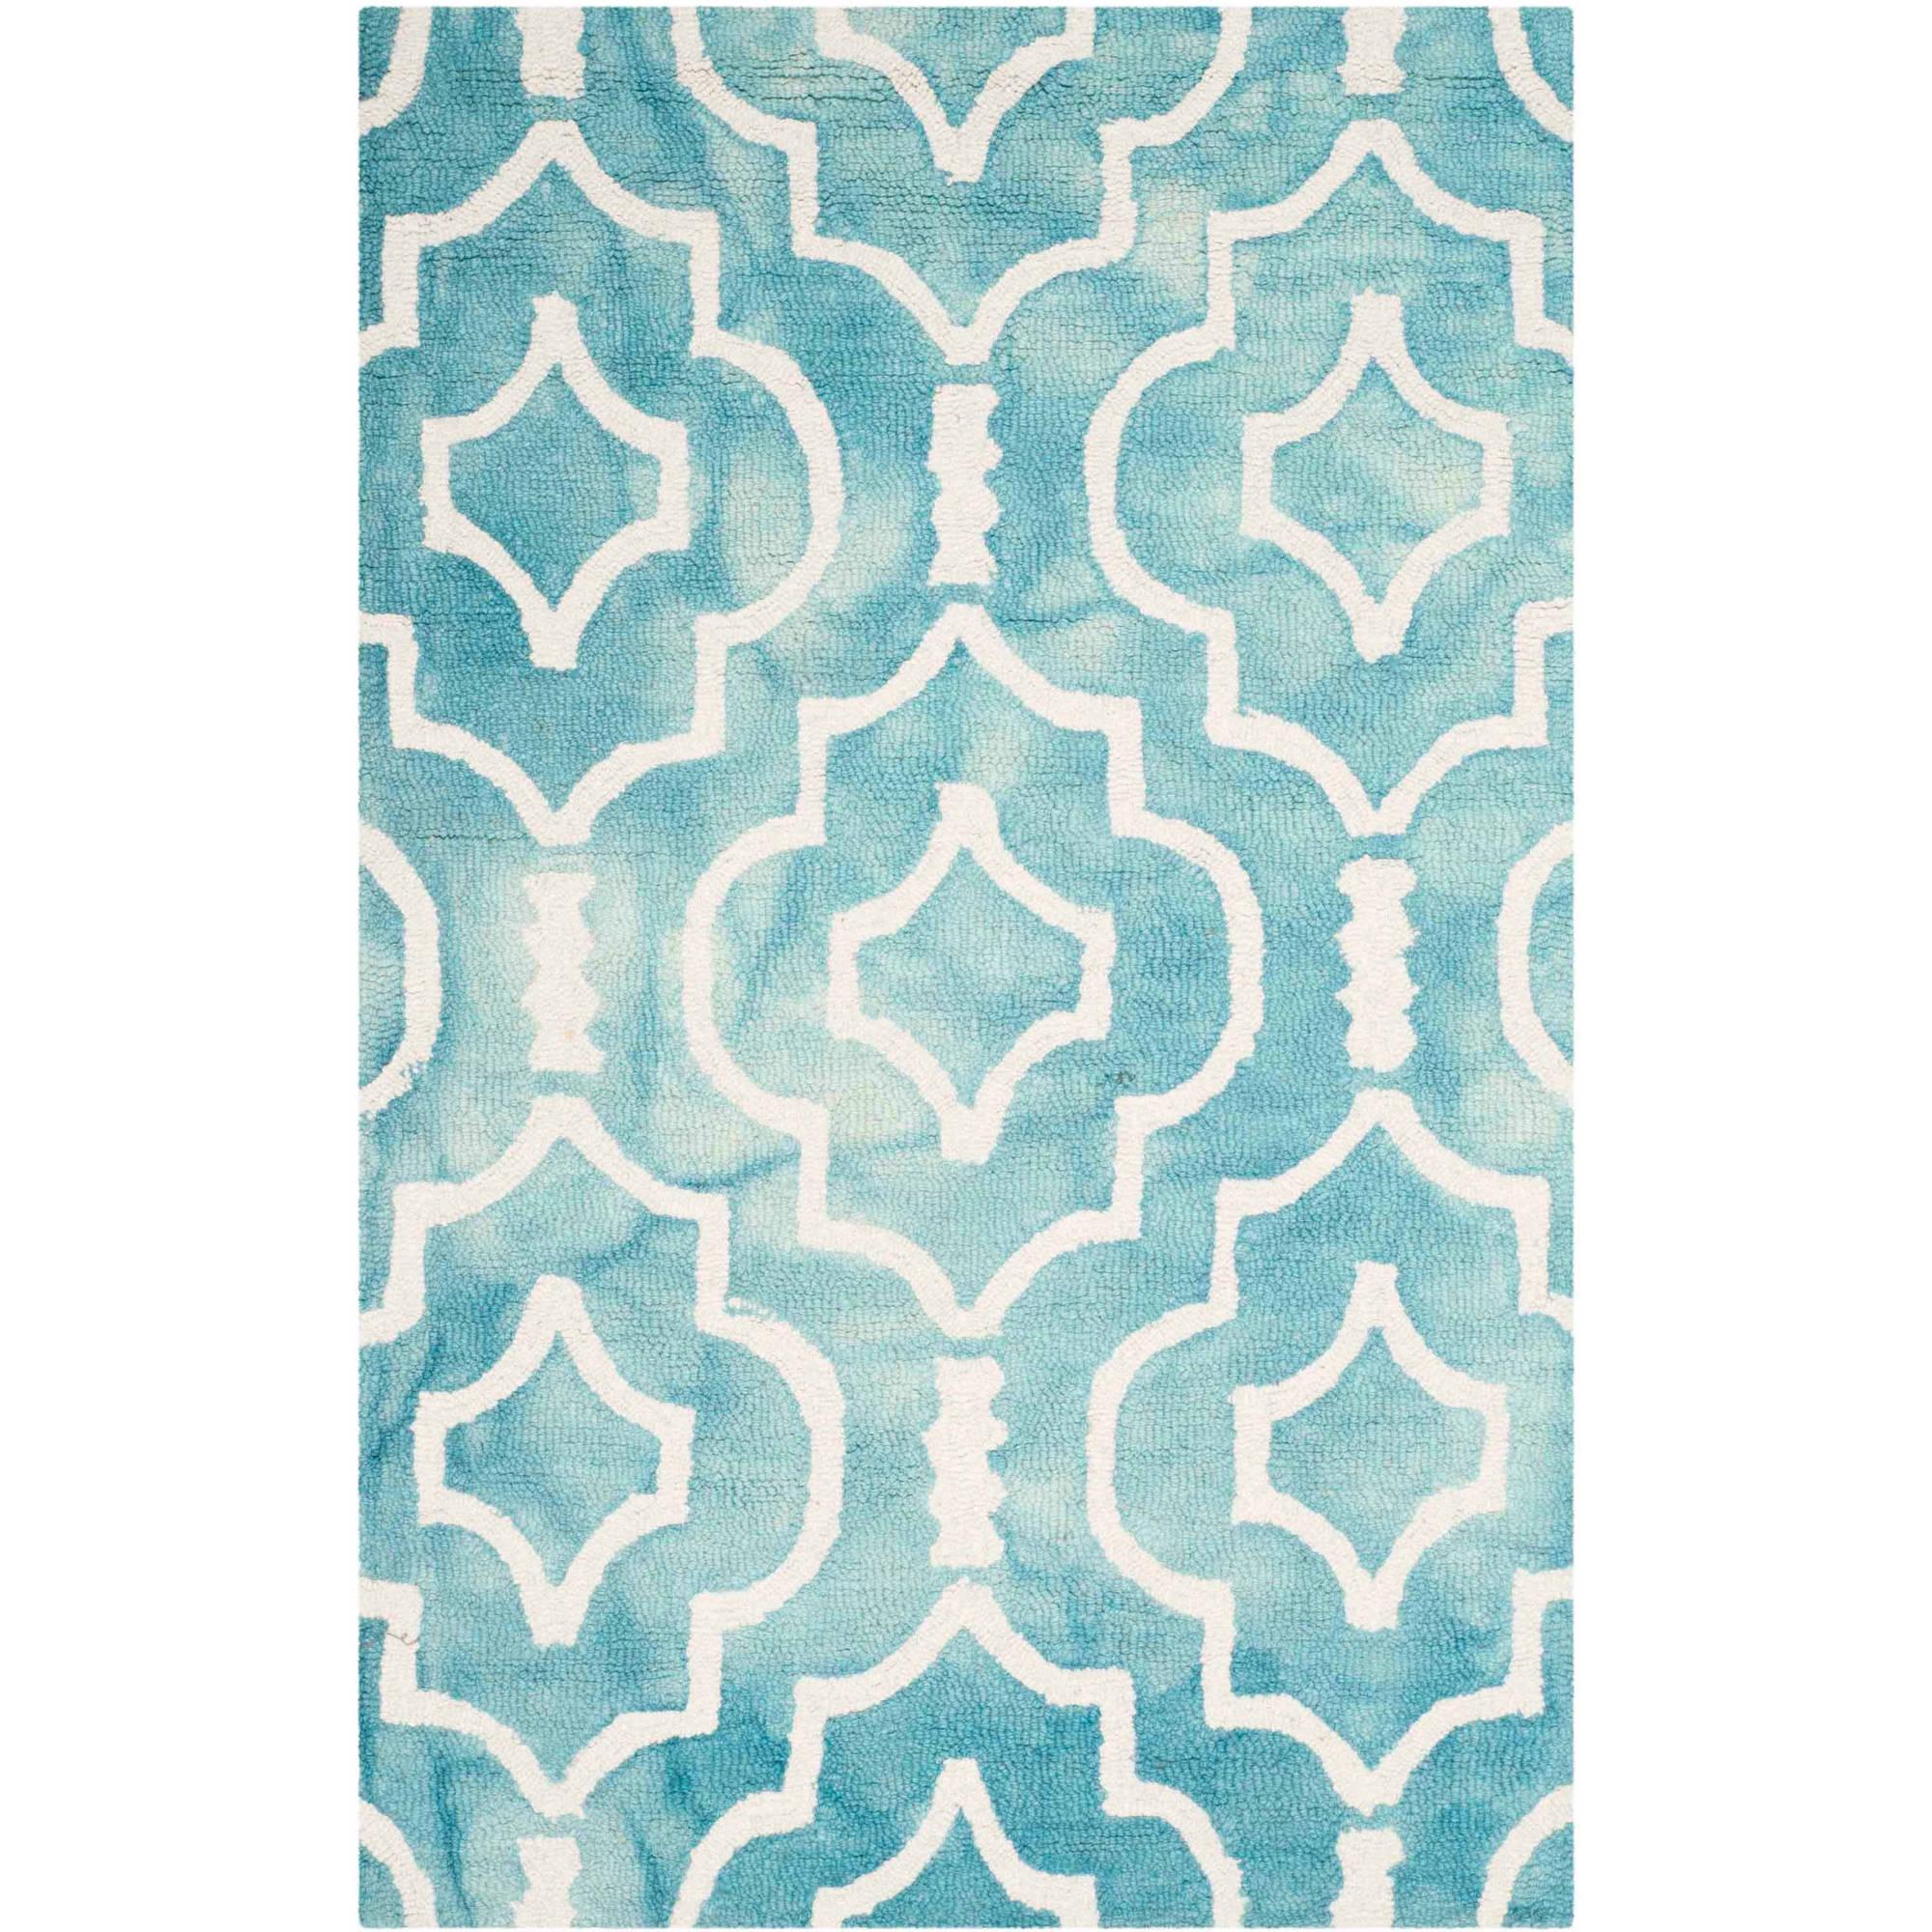 Safavieh Dip Dye Kelleigh Hand-Tufted Wool Area Rug